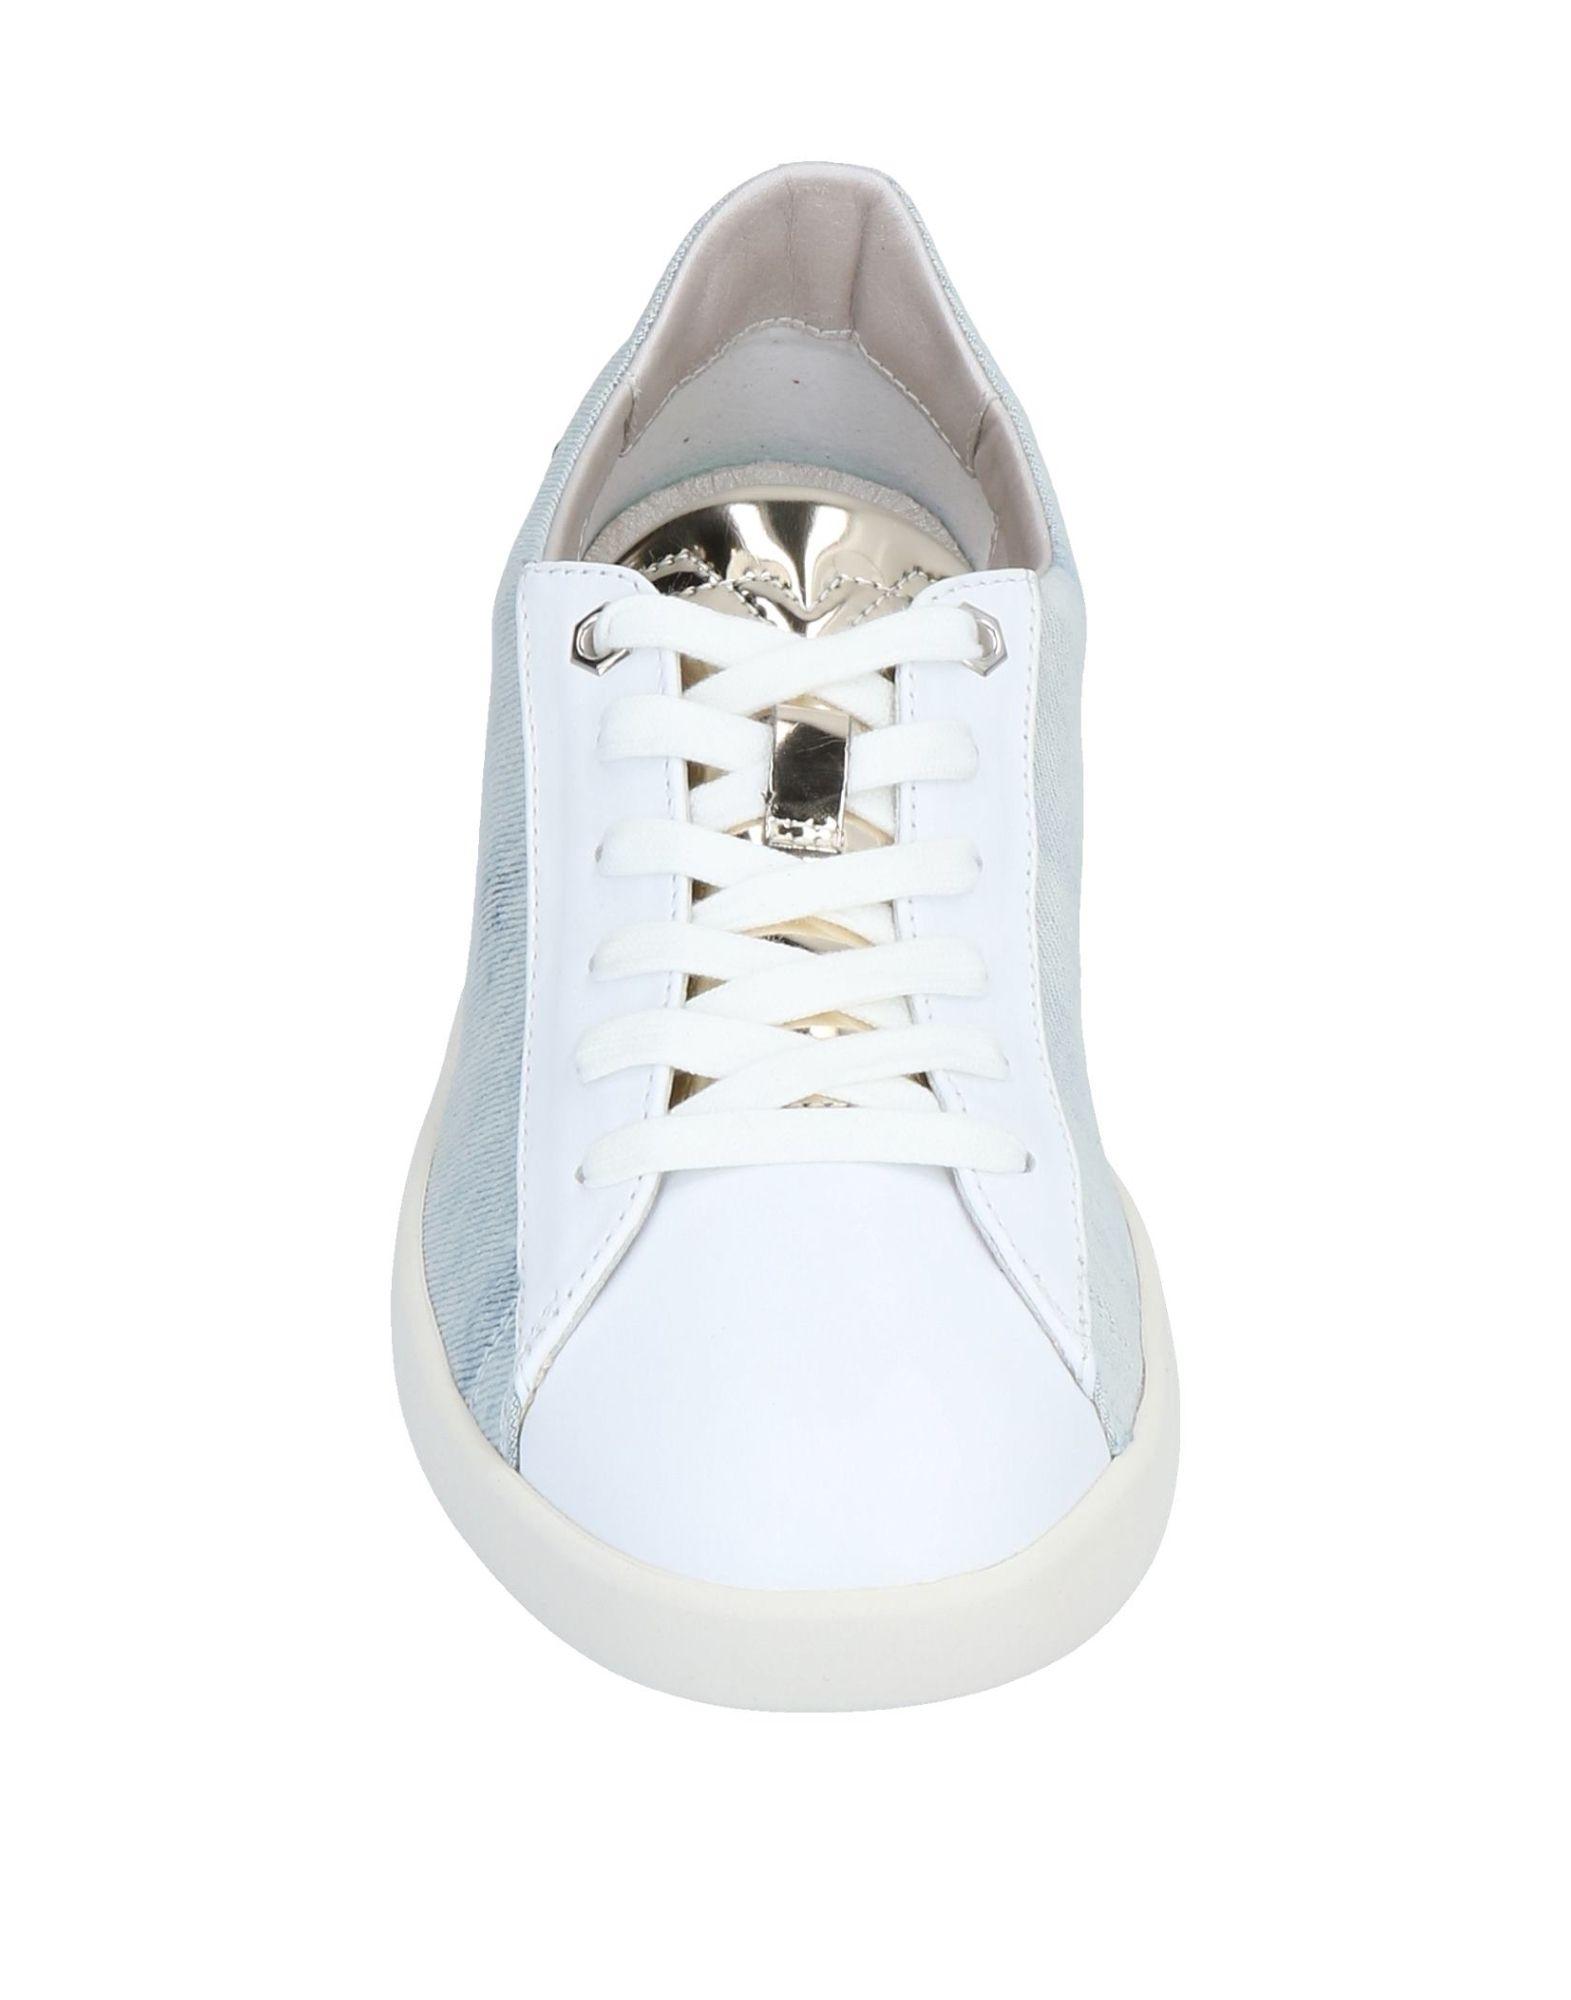 Diesel 11491390WJ Sneakers Damen  11491390WJ Diesel Gute Qualität beliebte Schuhe fbbdad